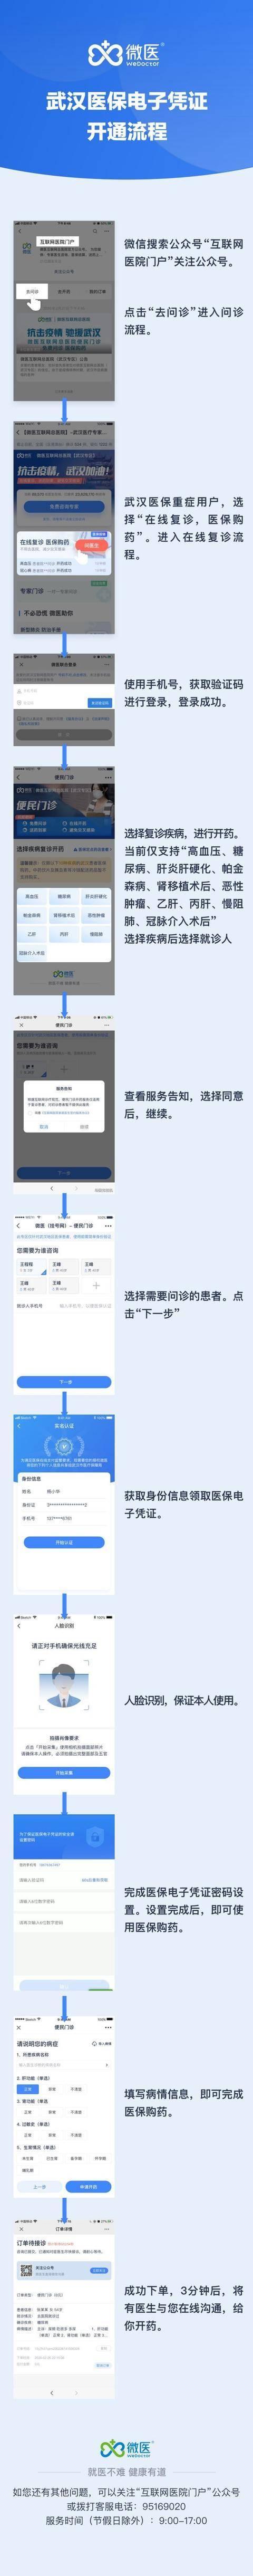 武汉电子医保凭证则怎么申请 微信开通步骤流程